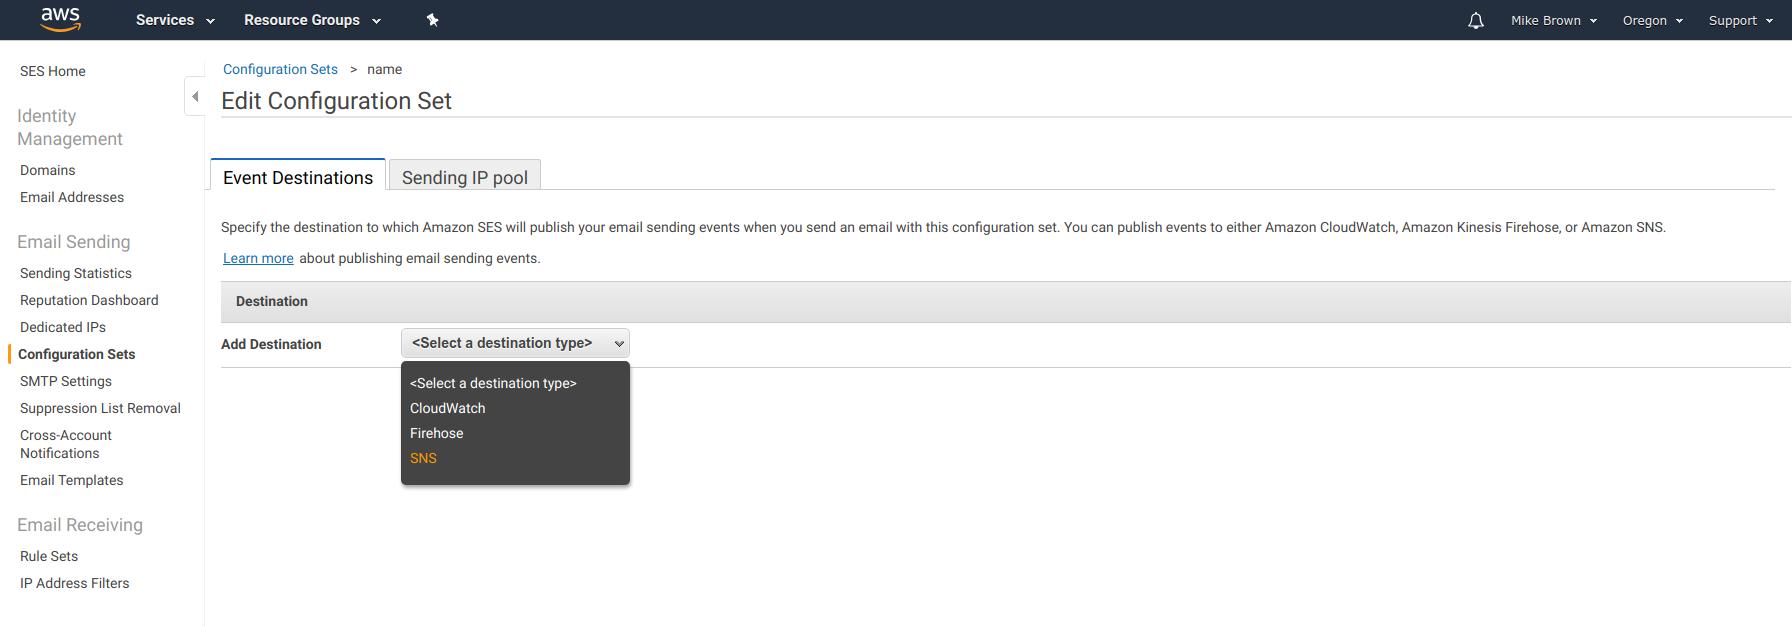 Amazon SES - Adding new Configuration Set